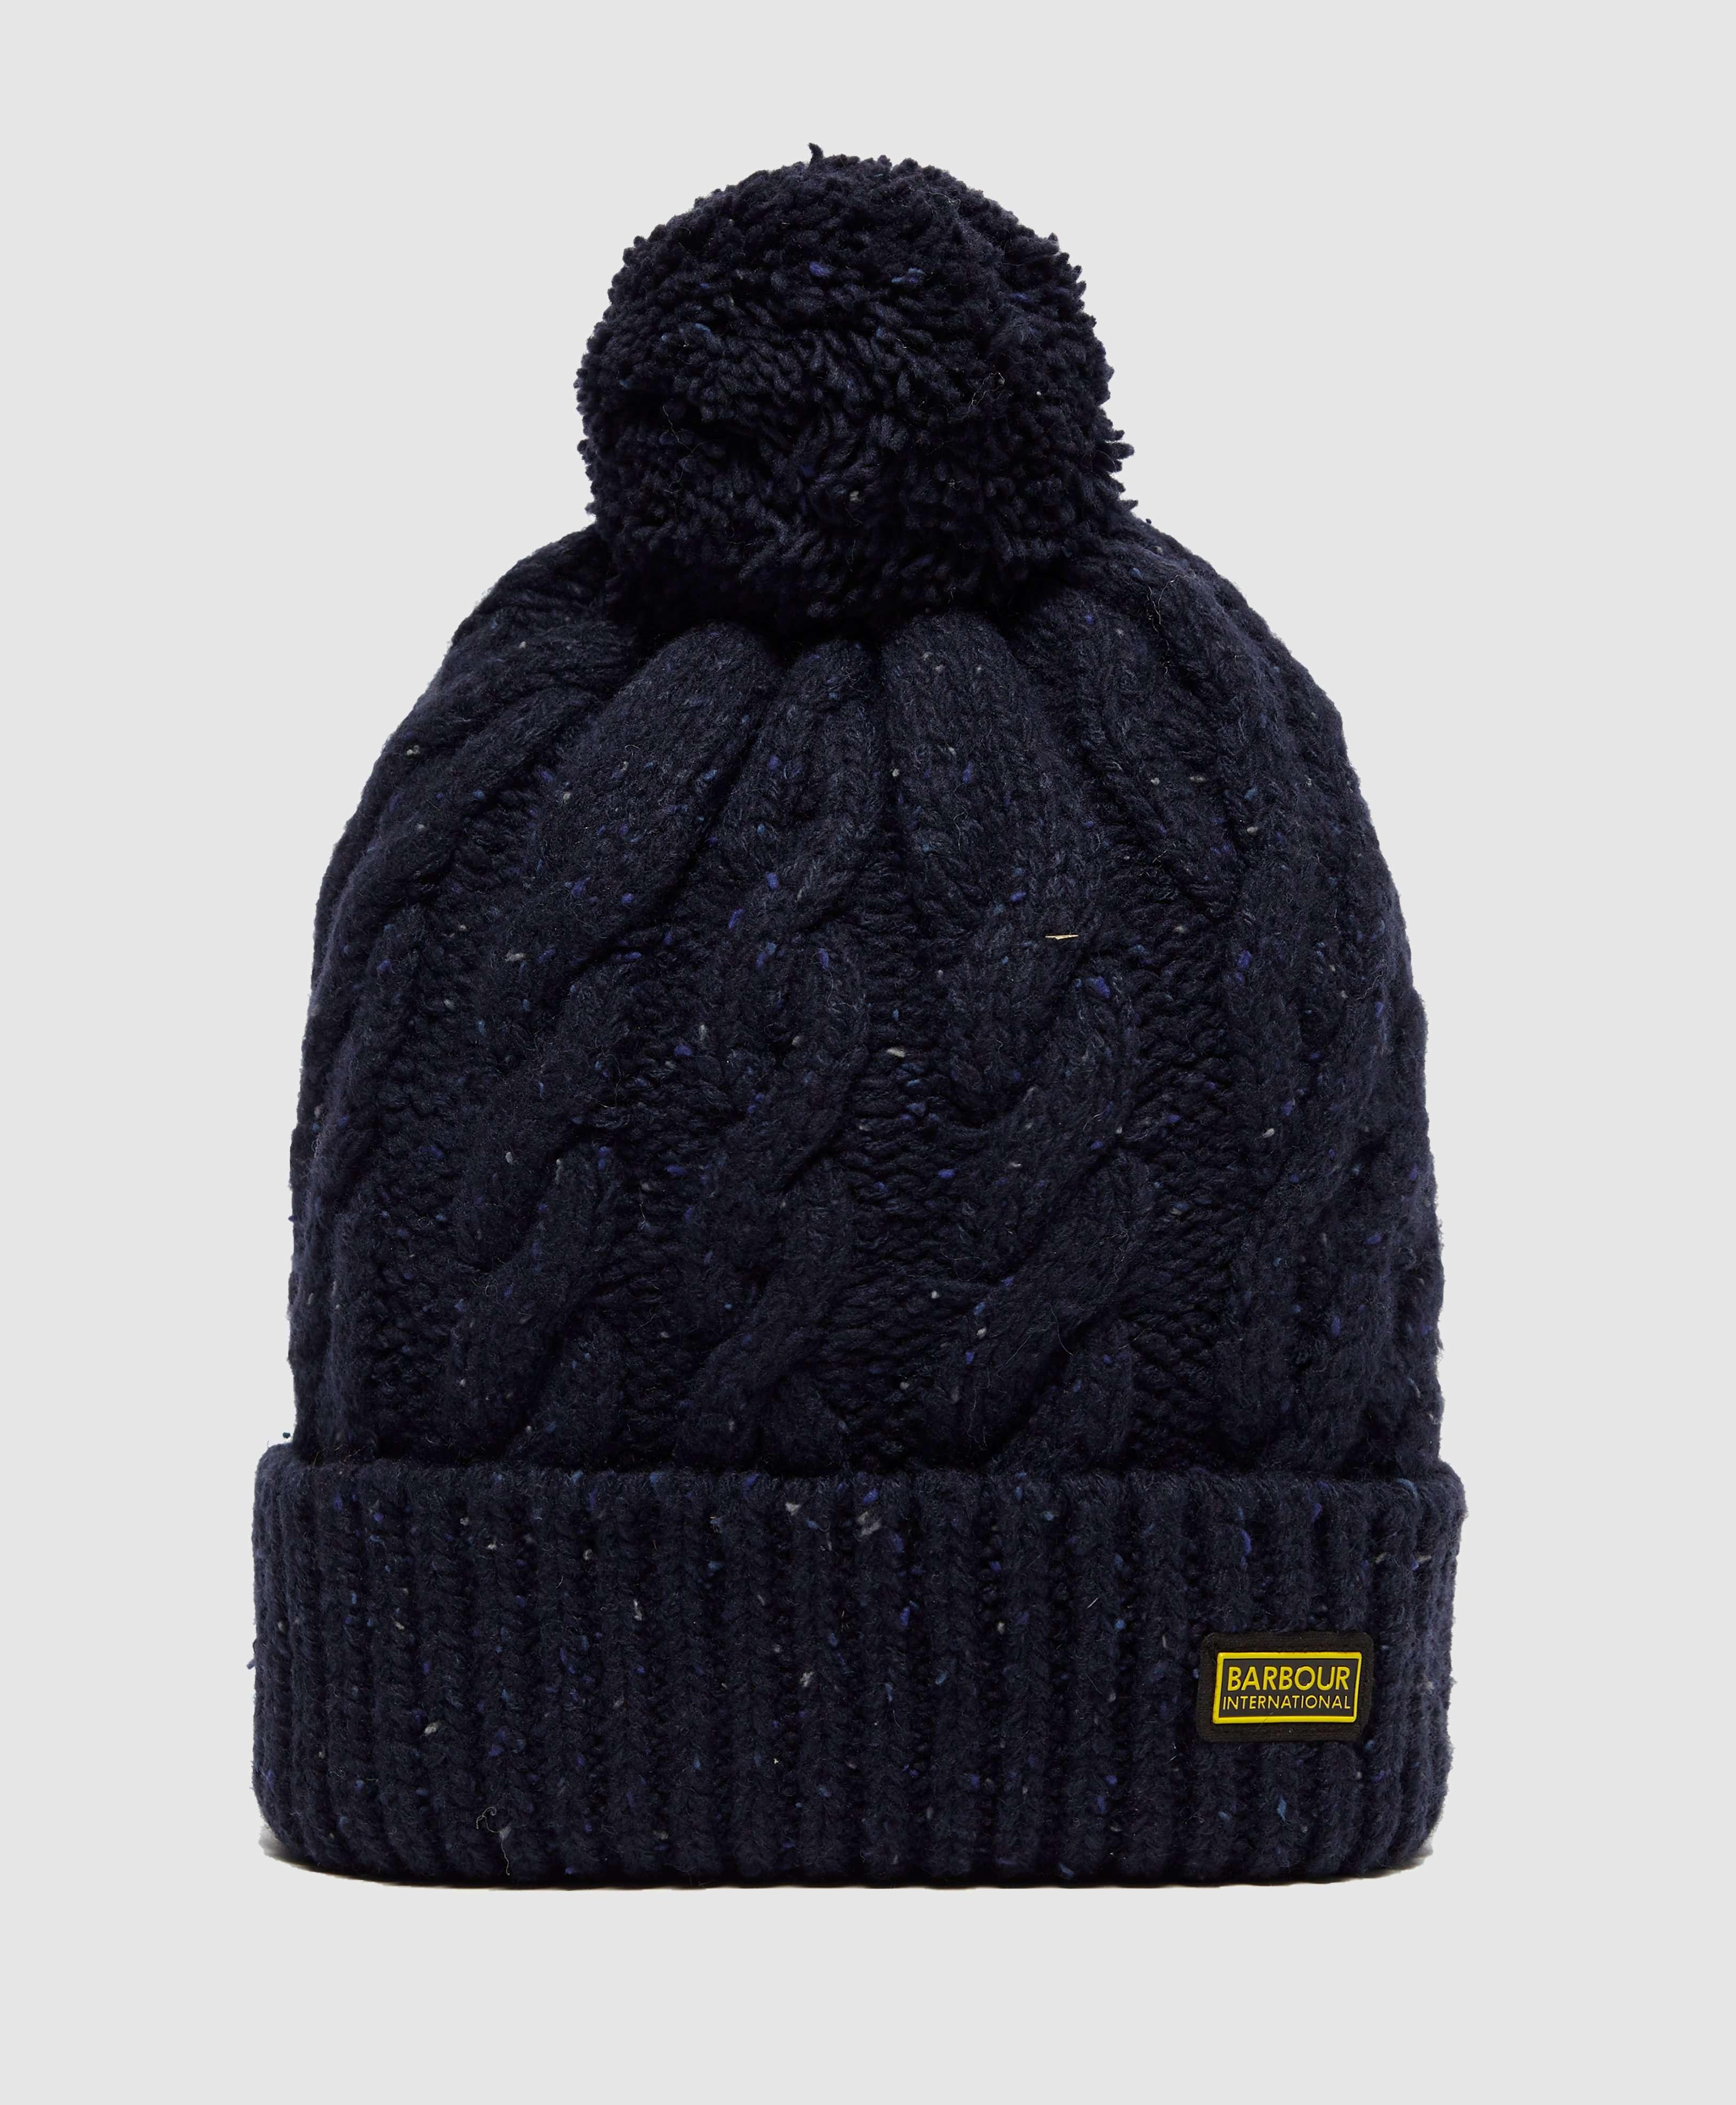 13e458a3828 Barbour International Bobble Hat